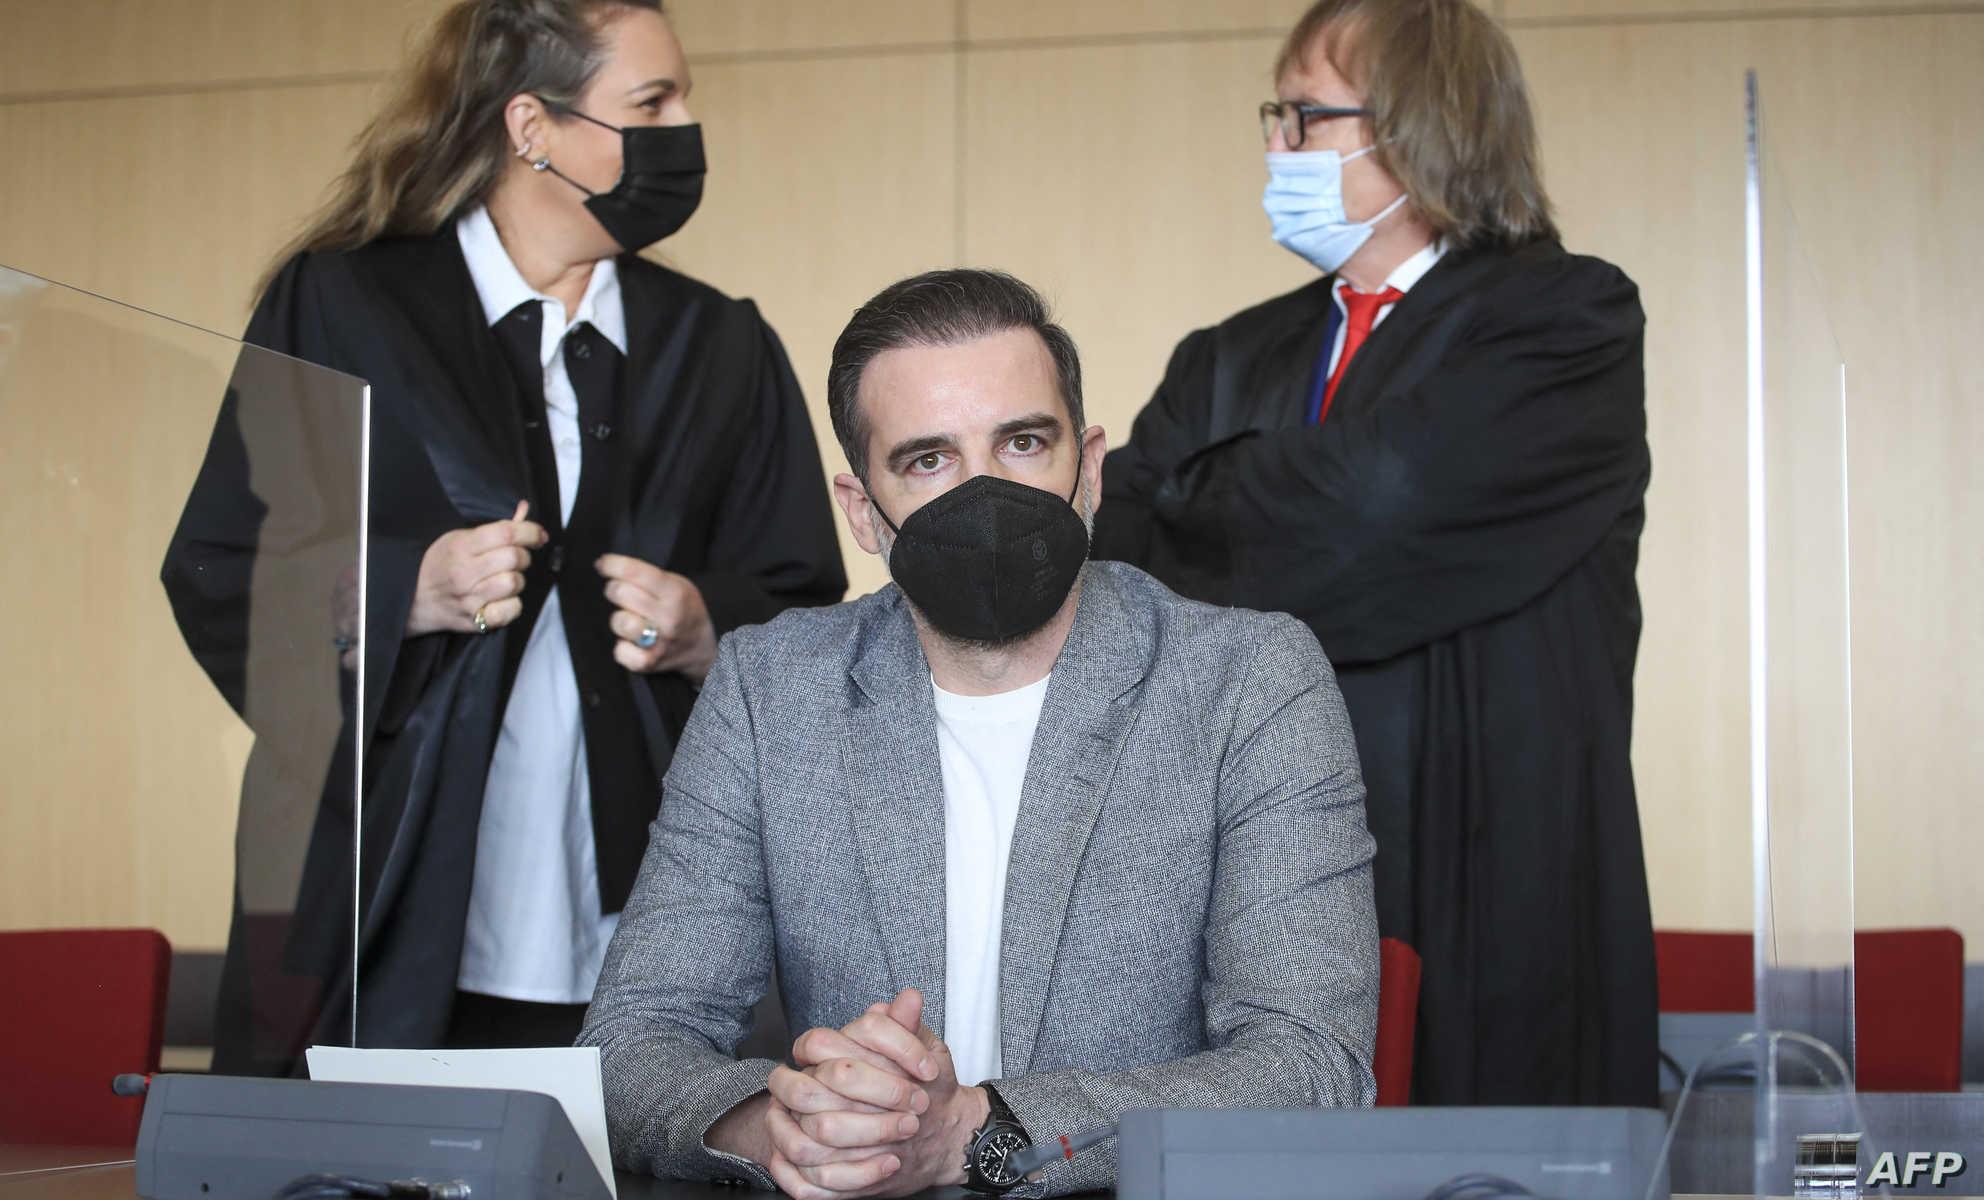 """""""اعترف بفعلته"""".. الحكم بالسجن على نجم ريال مدريد السابق بتهمة ترويج المواد الإباحية للأطفال"""